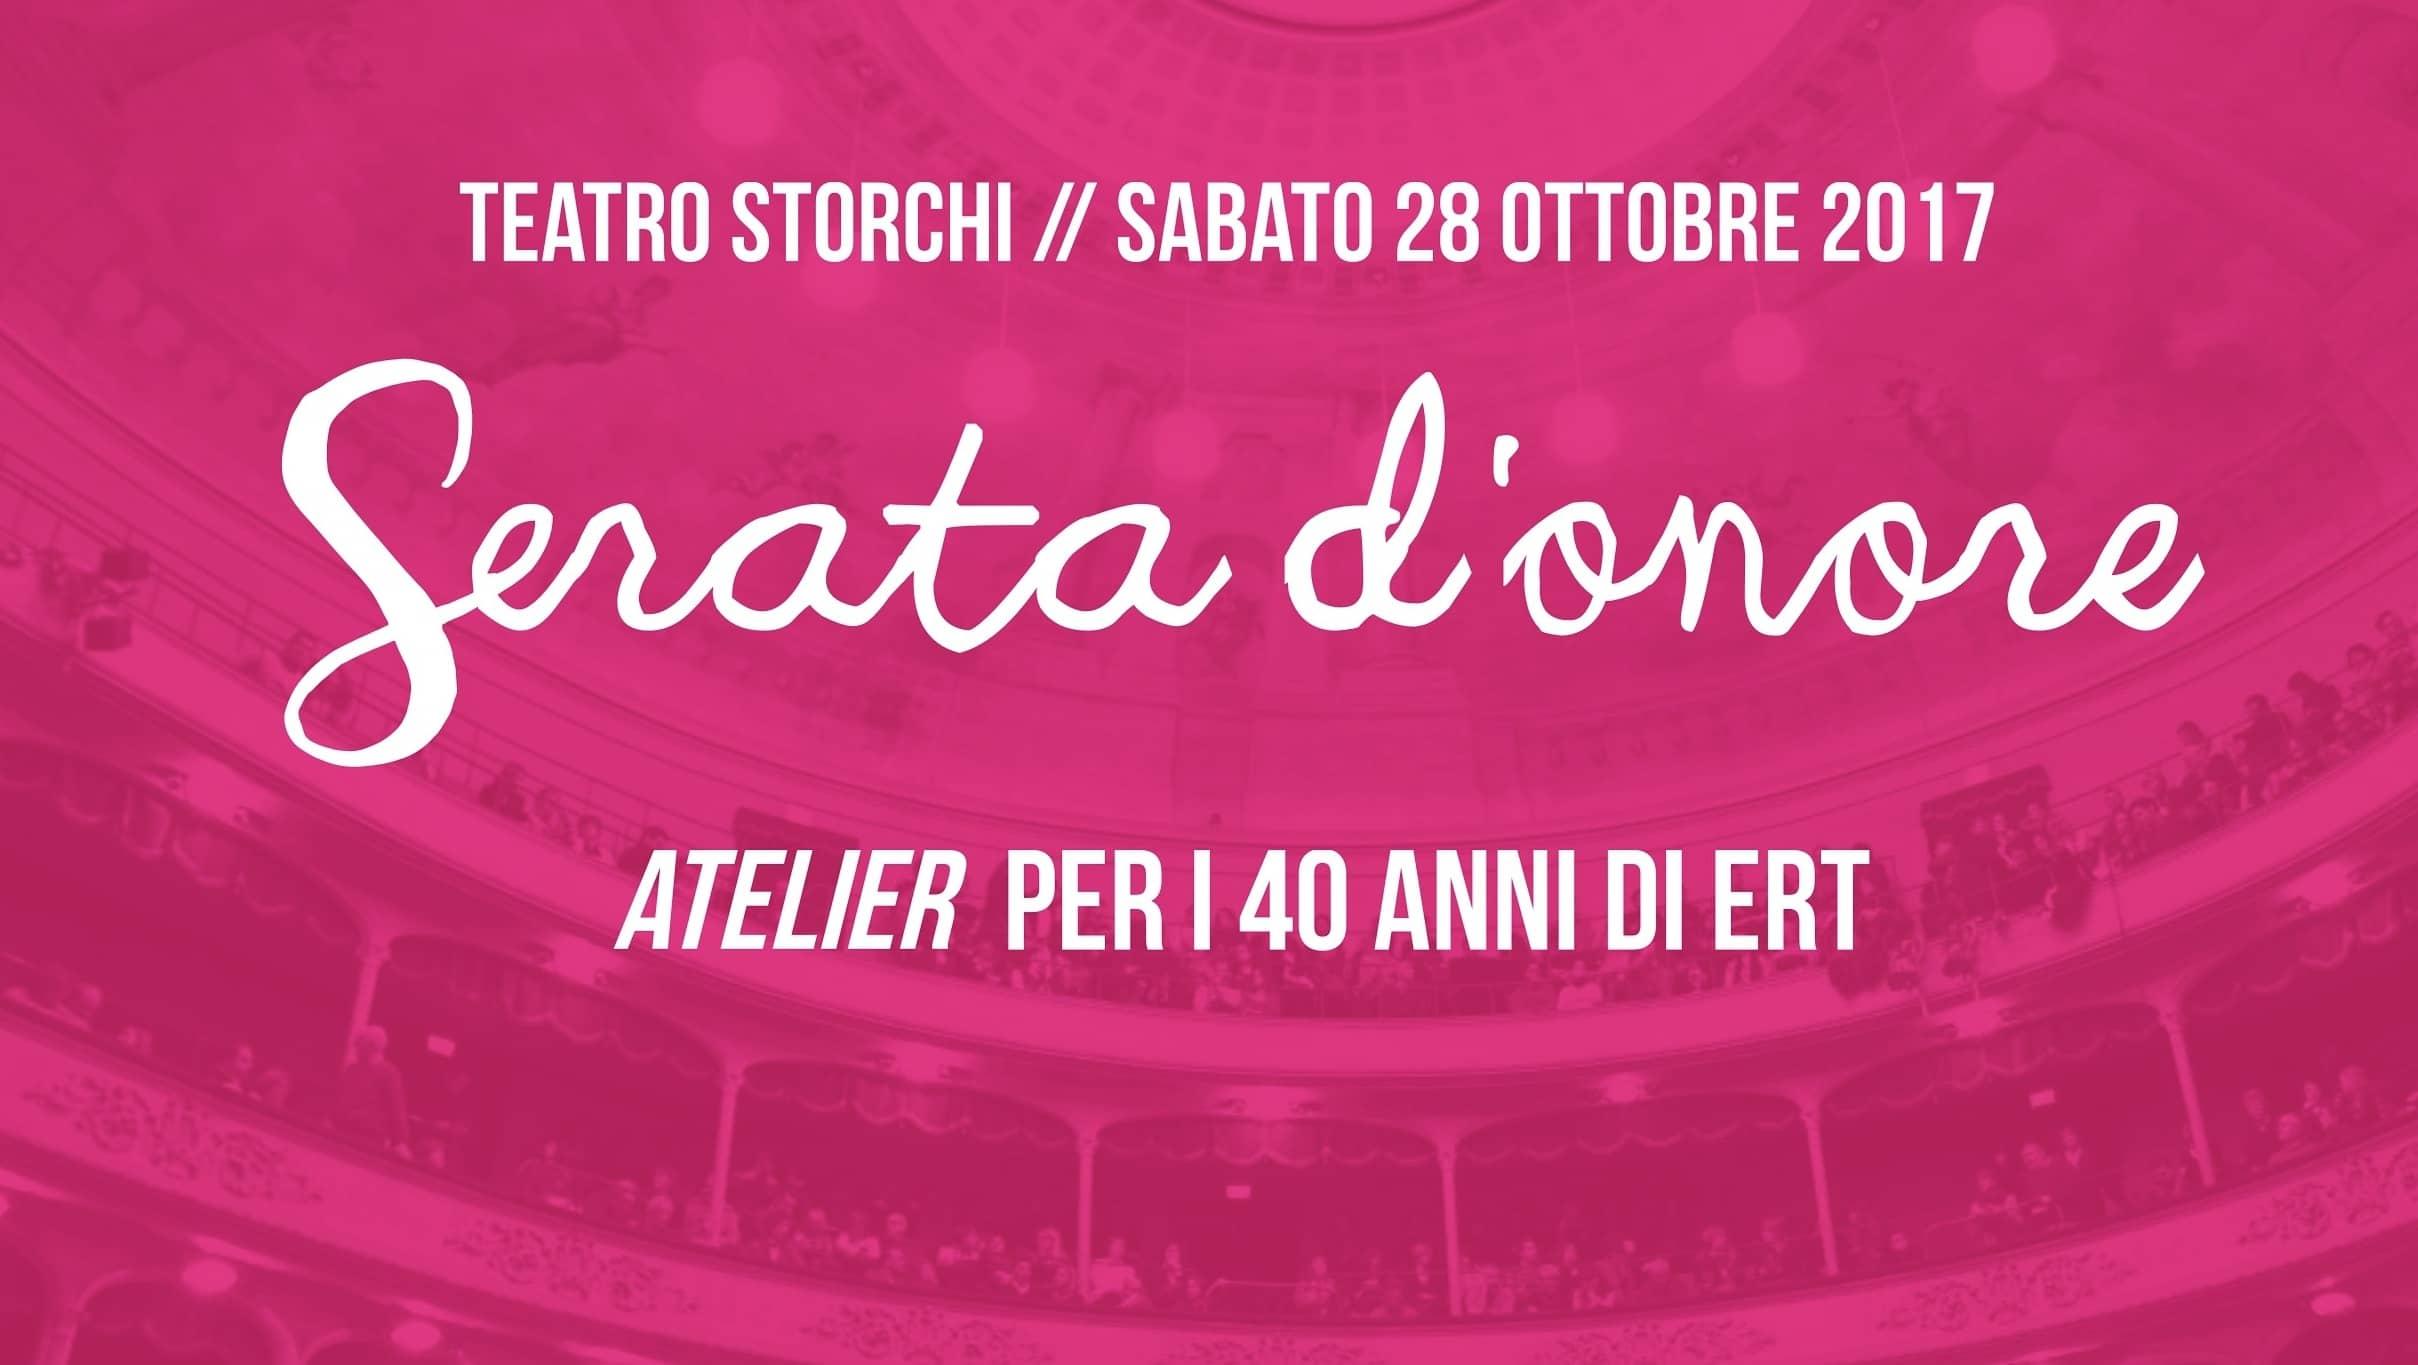 Serata d'onore per i 40 anni di ERT - Modena